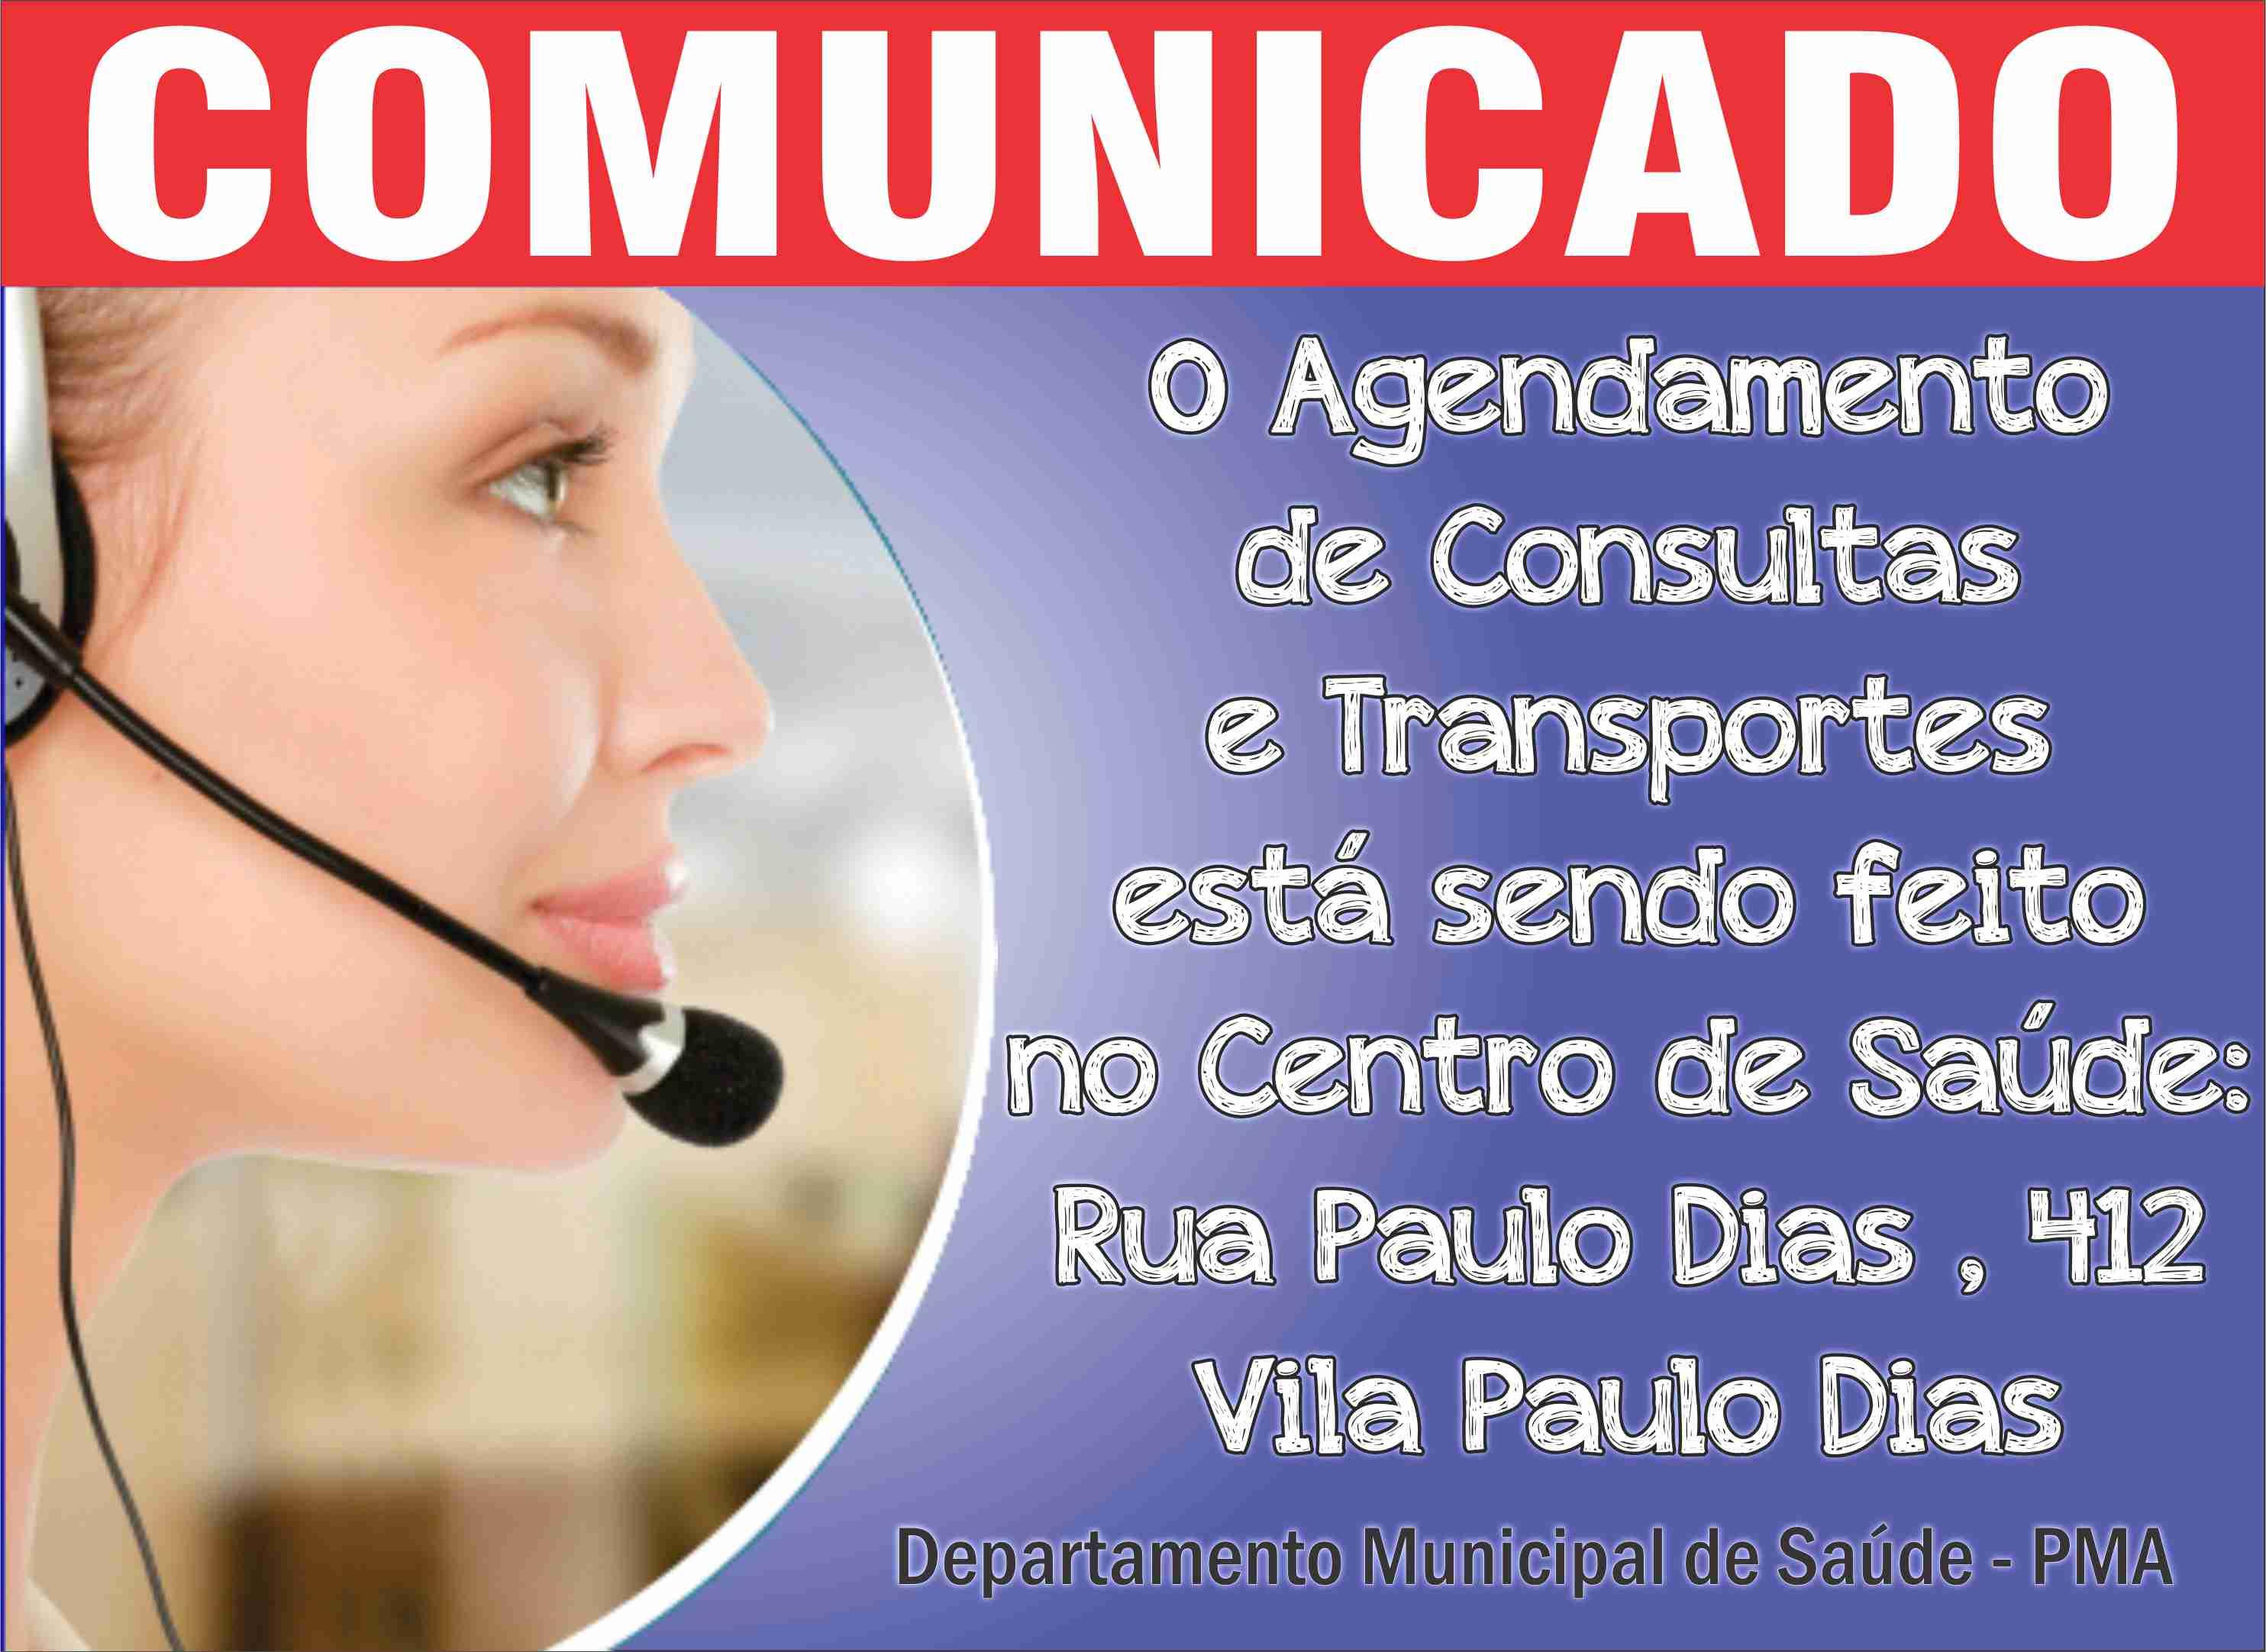 comunicado agendamento